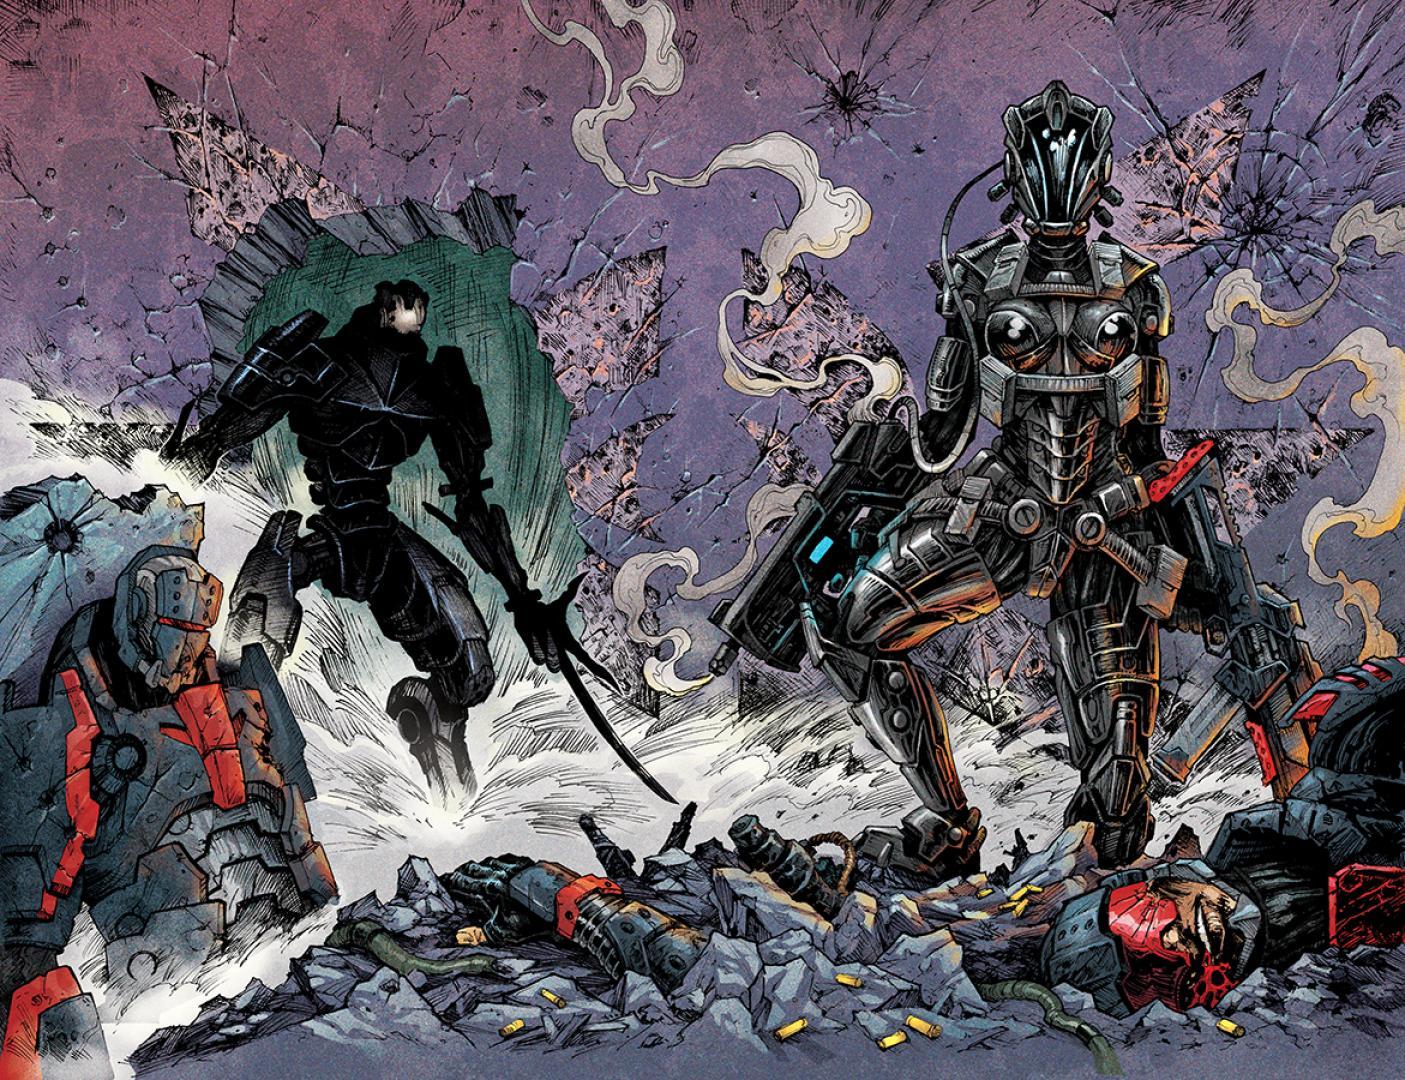 Hamarosan megjelenik a Bloodlust képregény legújabb száma